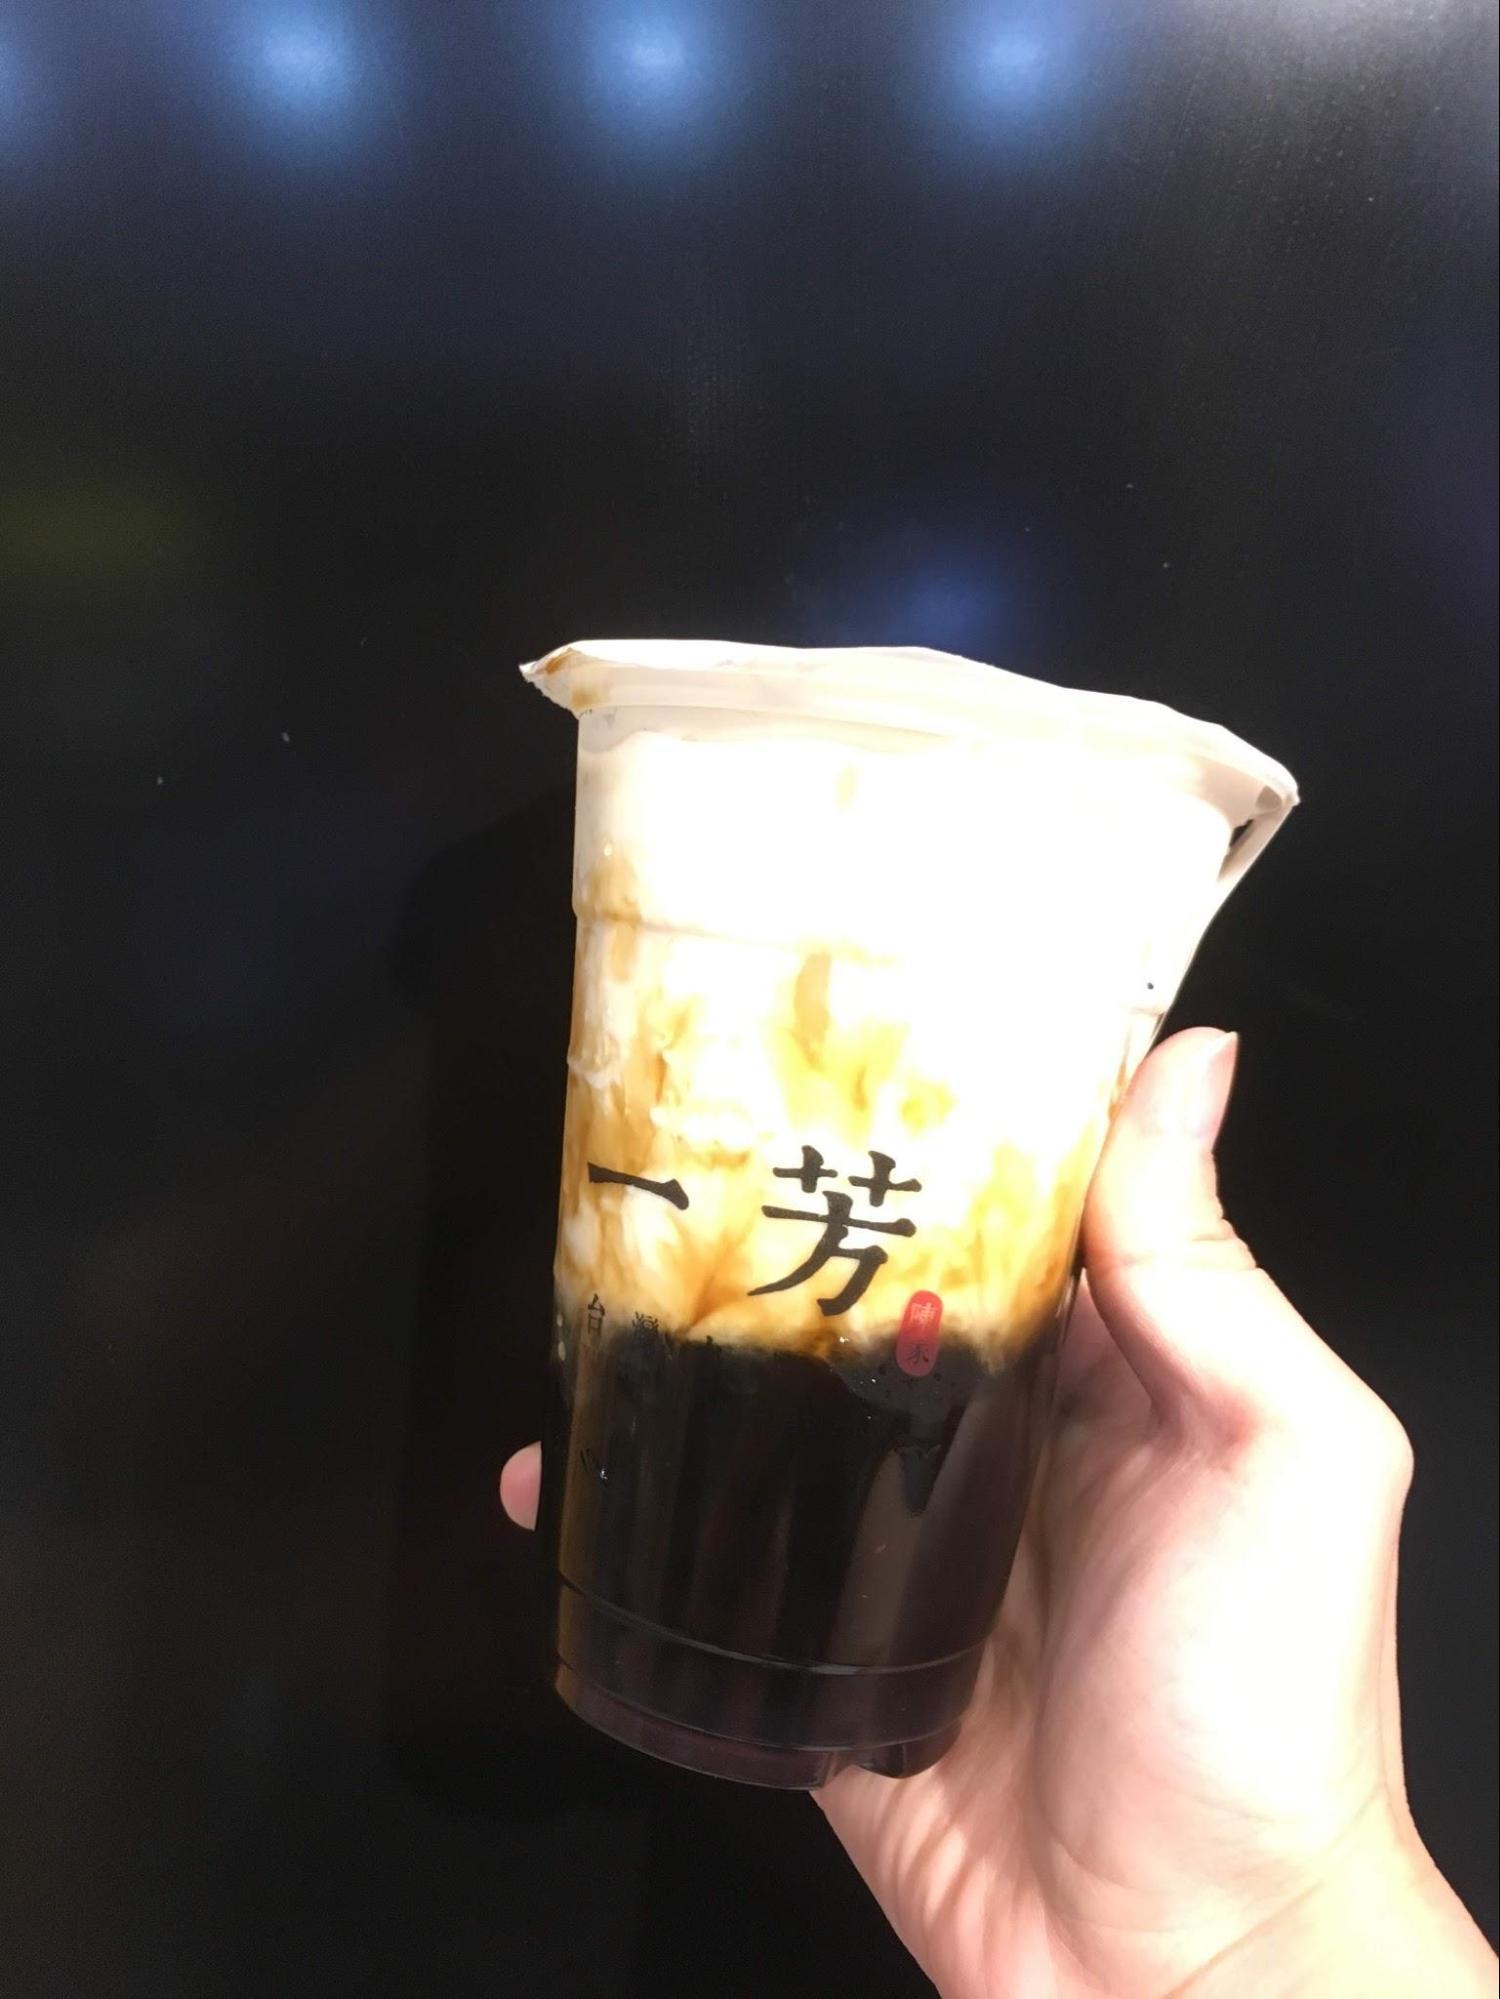 台湾が本場!タピオカミルクティー発祥の地、台中おすすめタピオカドリンクとタピオカスイーツ特集